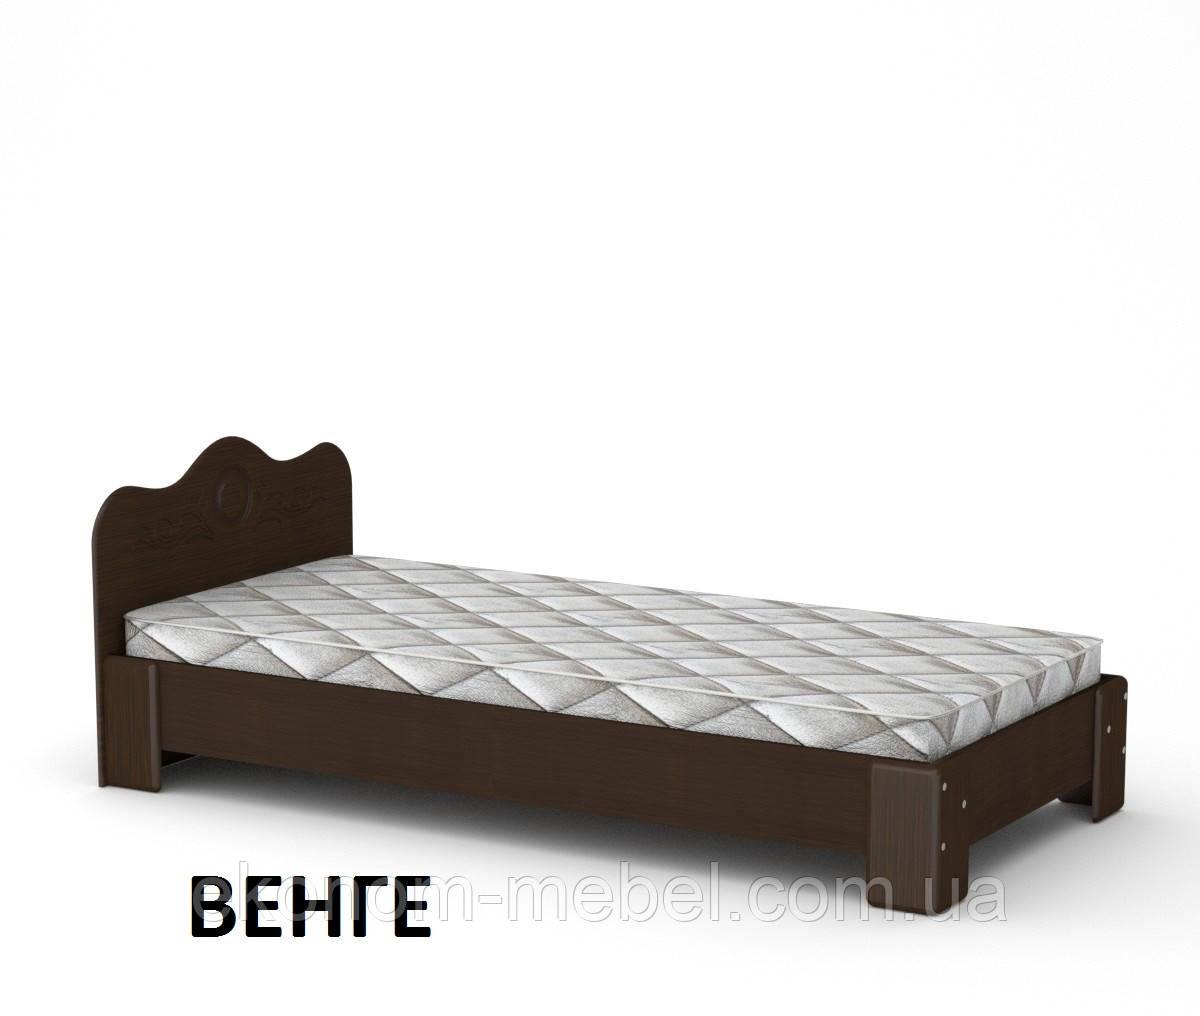 Кровать-100 МДФ односпальная